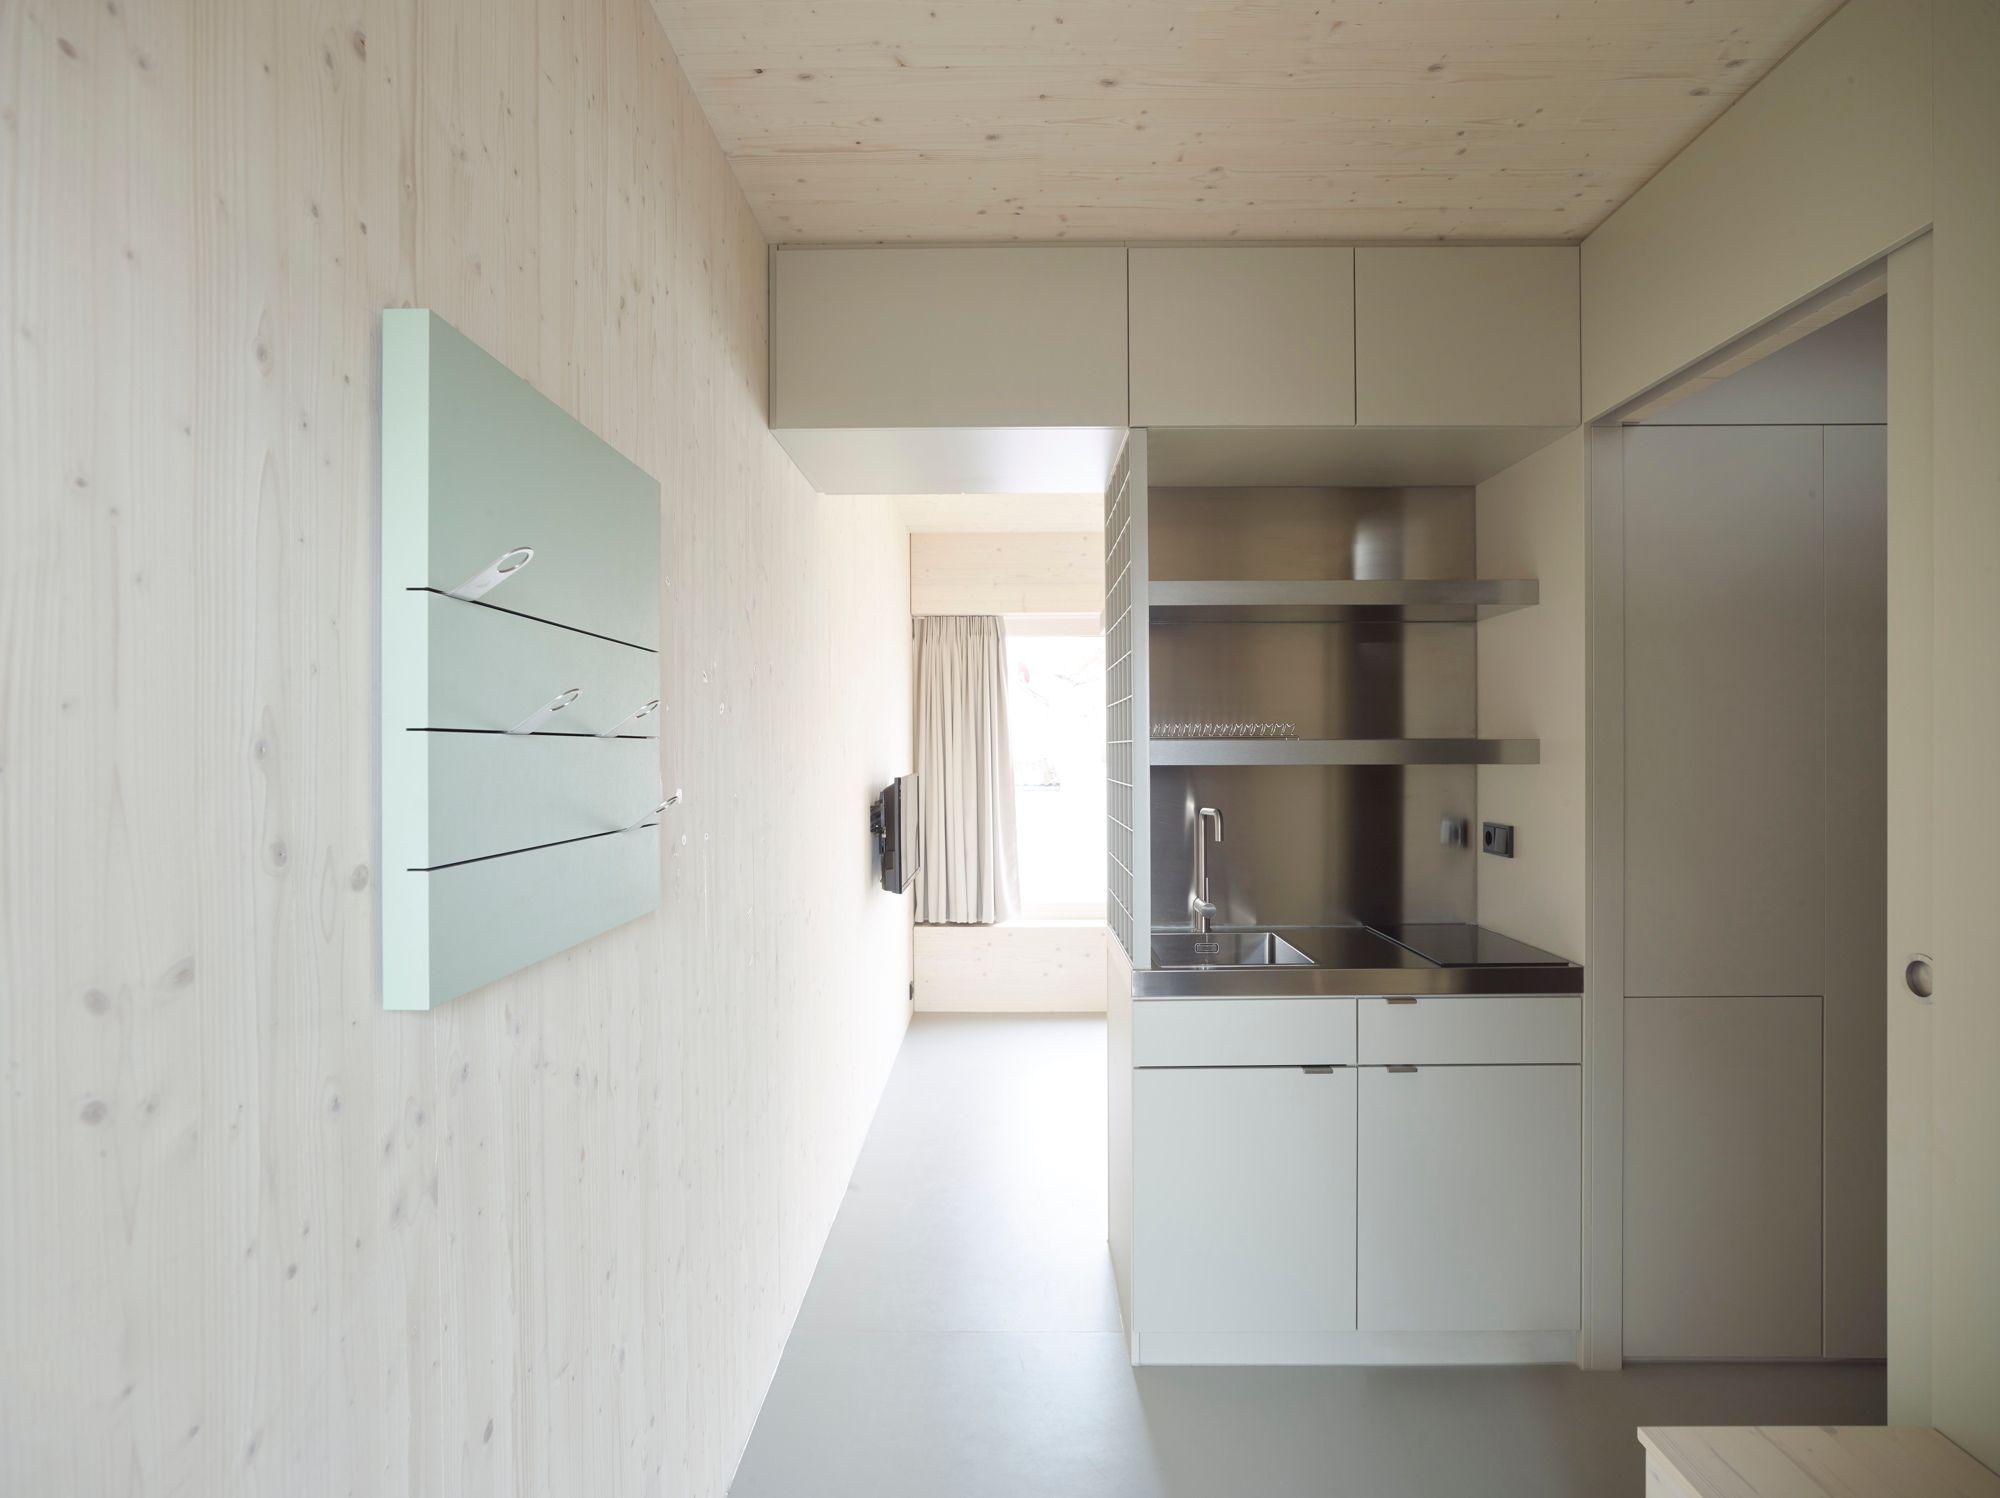 Holzmodul Fur Heilbronn Mikro Wohnungen Von Joos Keller Haus Bauen Wohnheim Wohnung